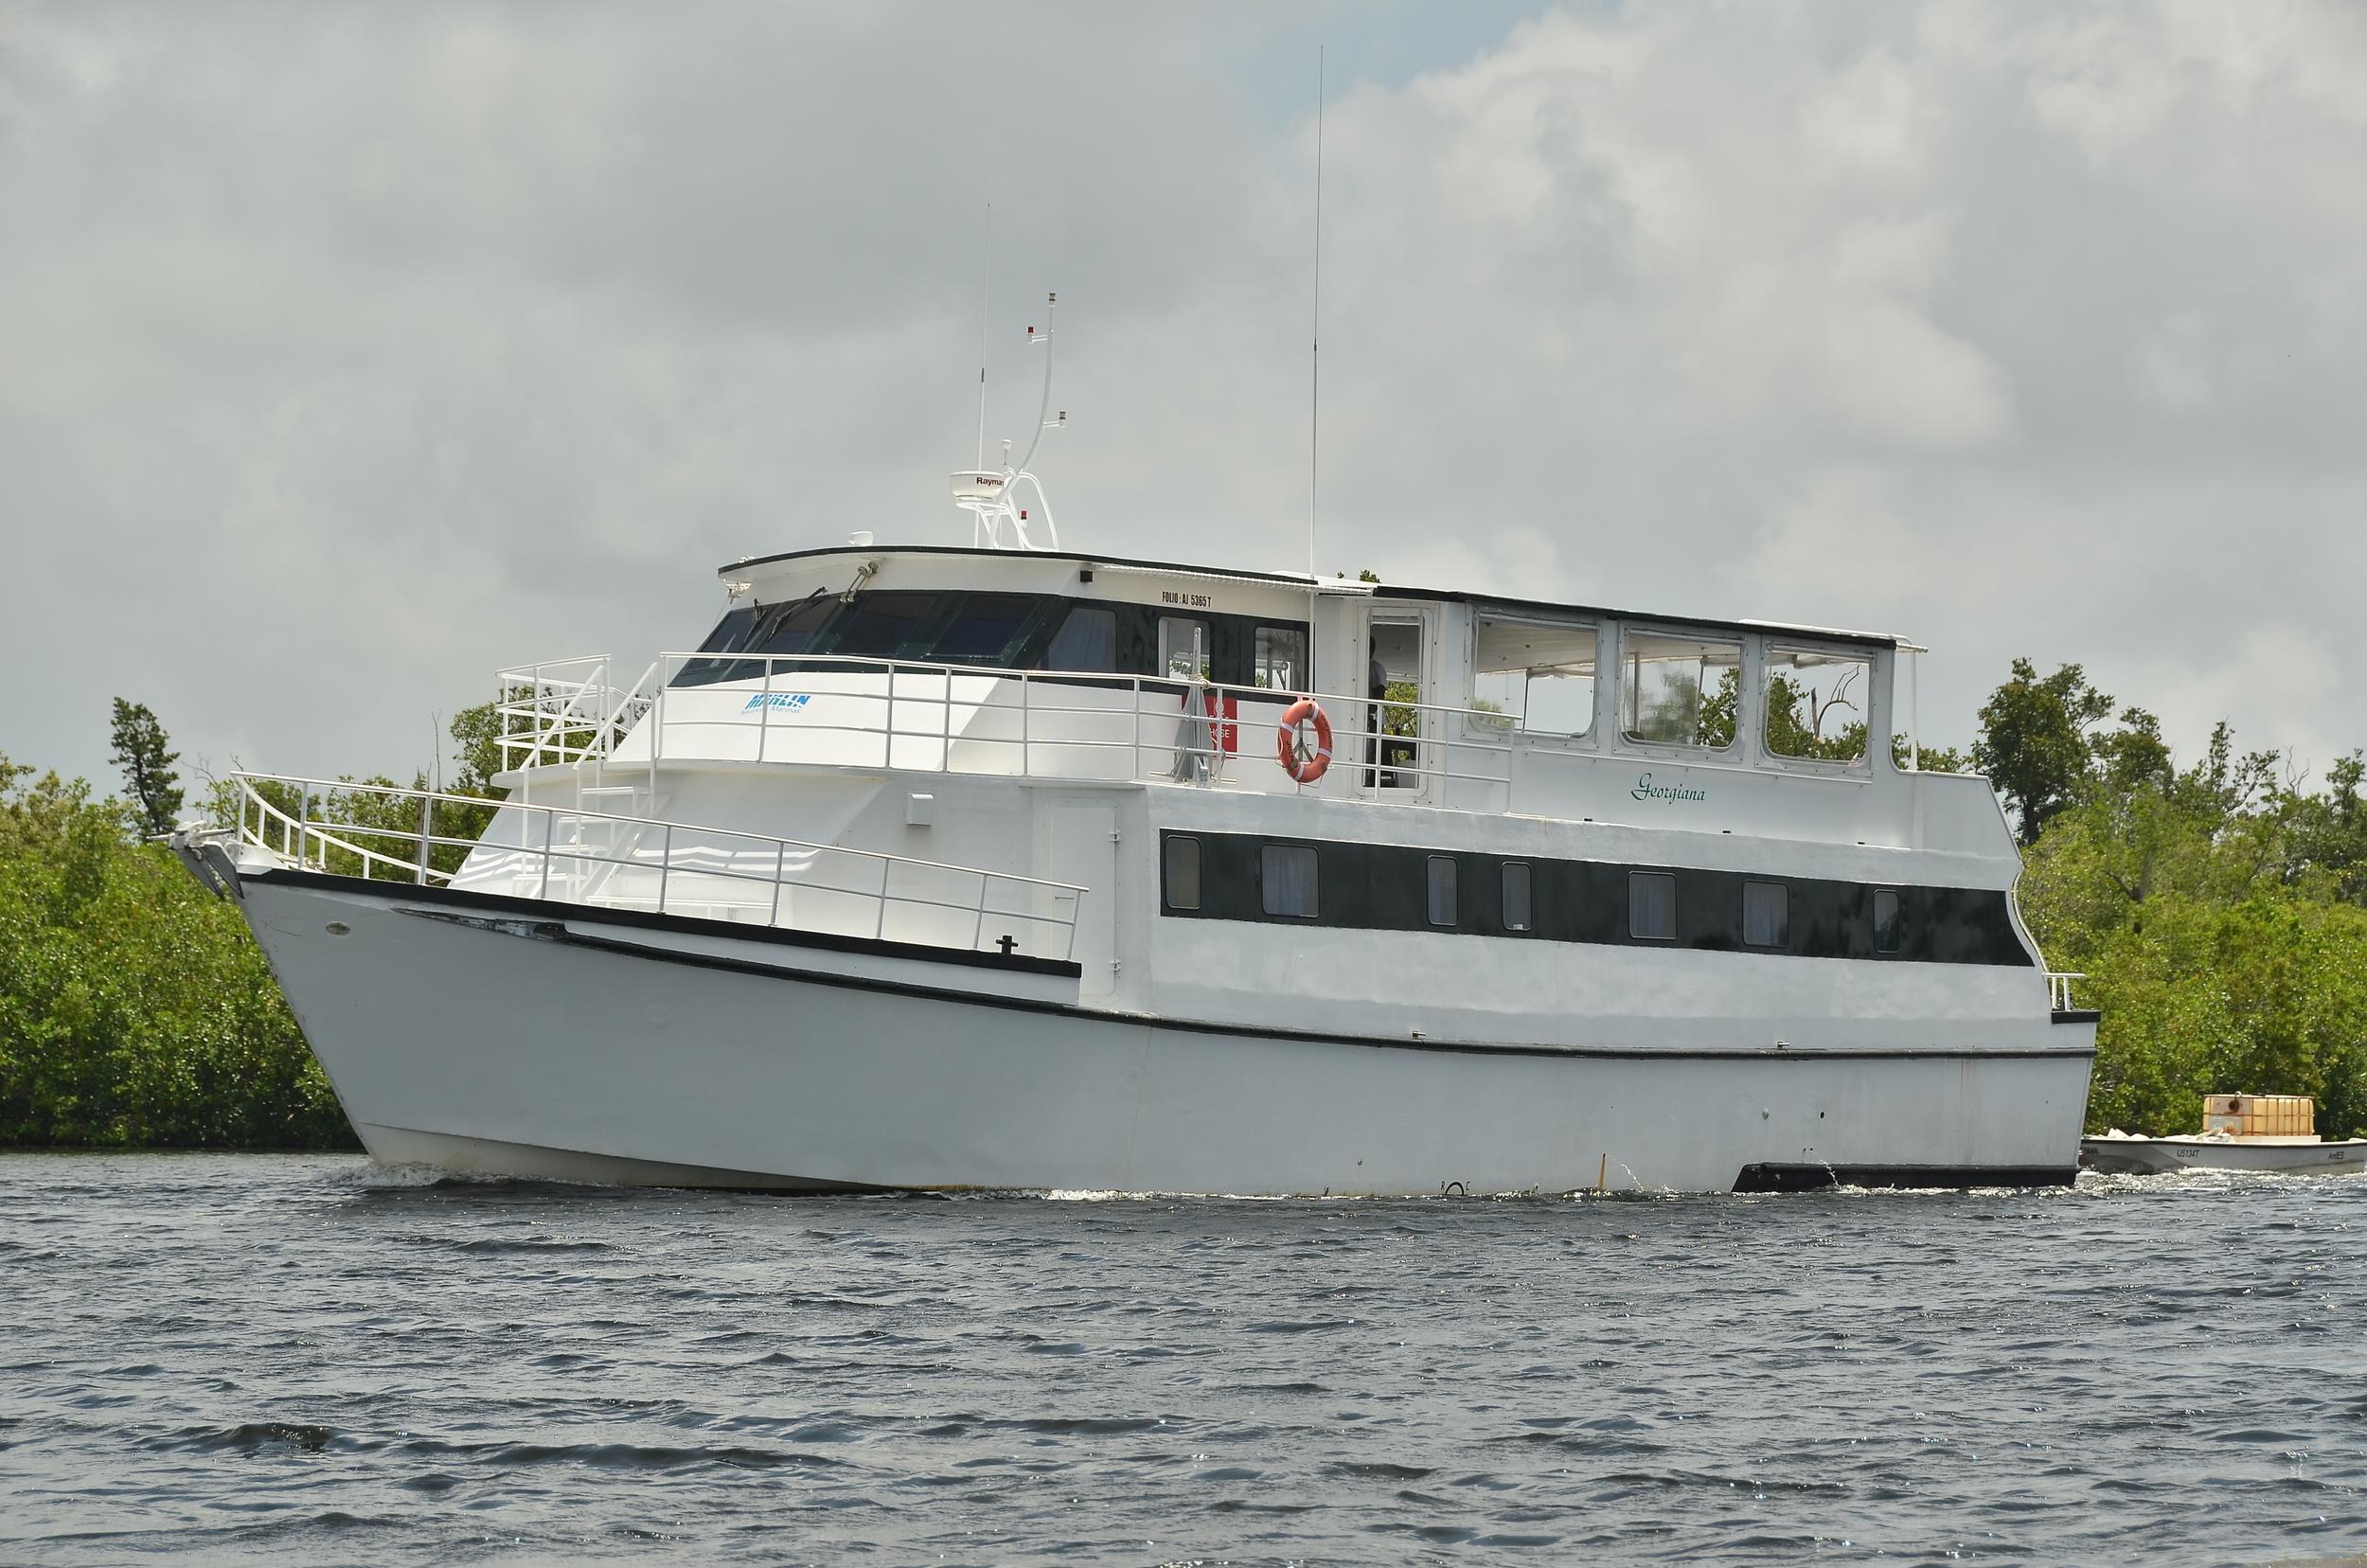 Georgiana at anchor